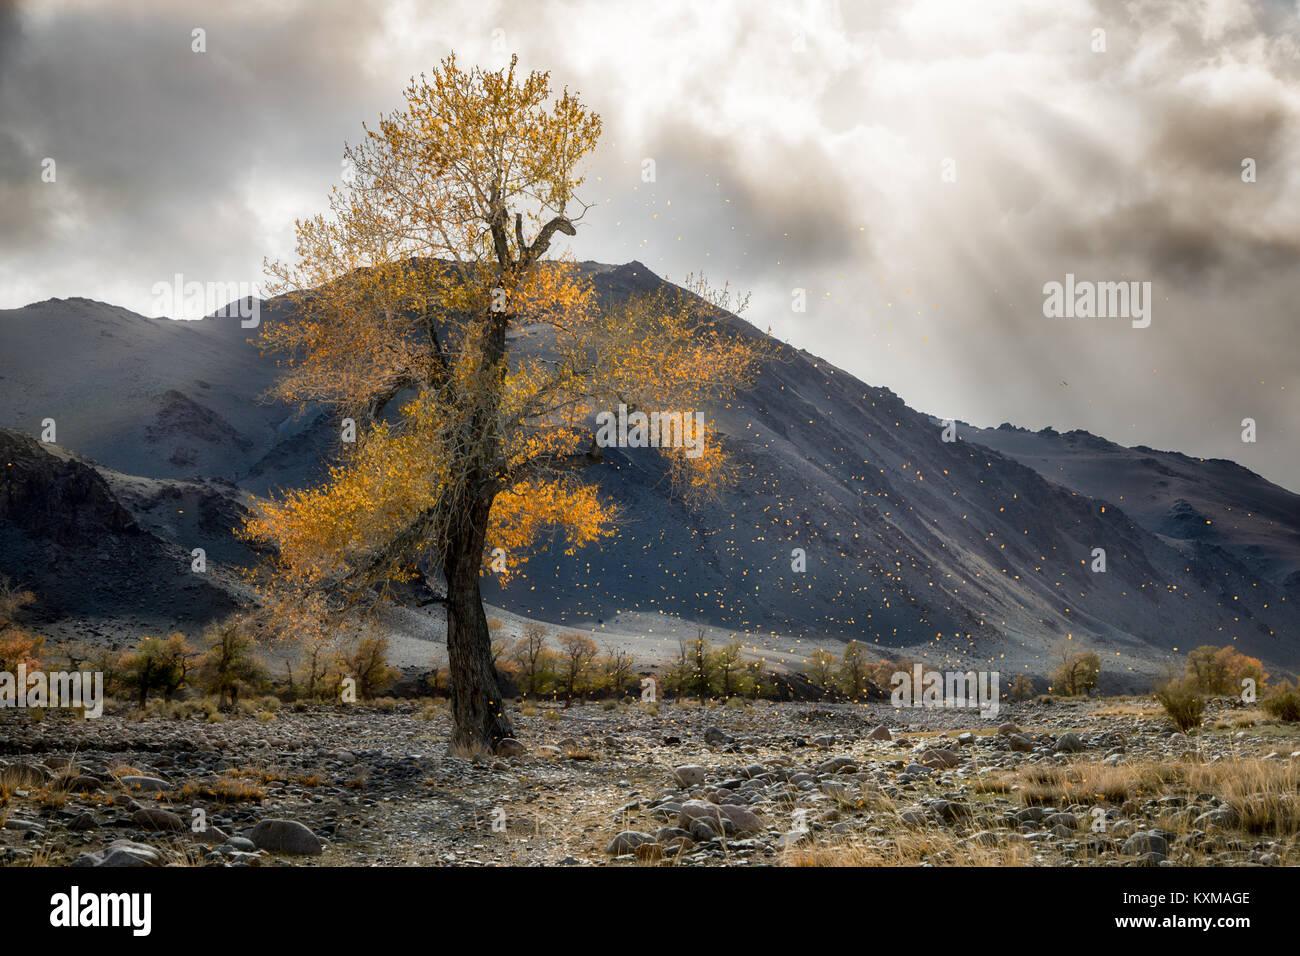 Mongolia hojas amarillas caída de árbol paisaje río rayos de sol Imagen De Stock